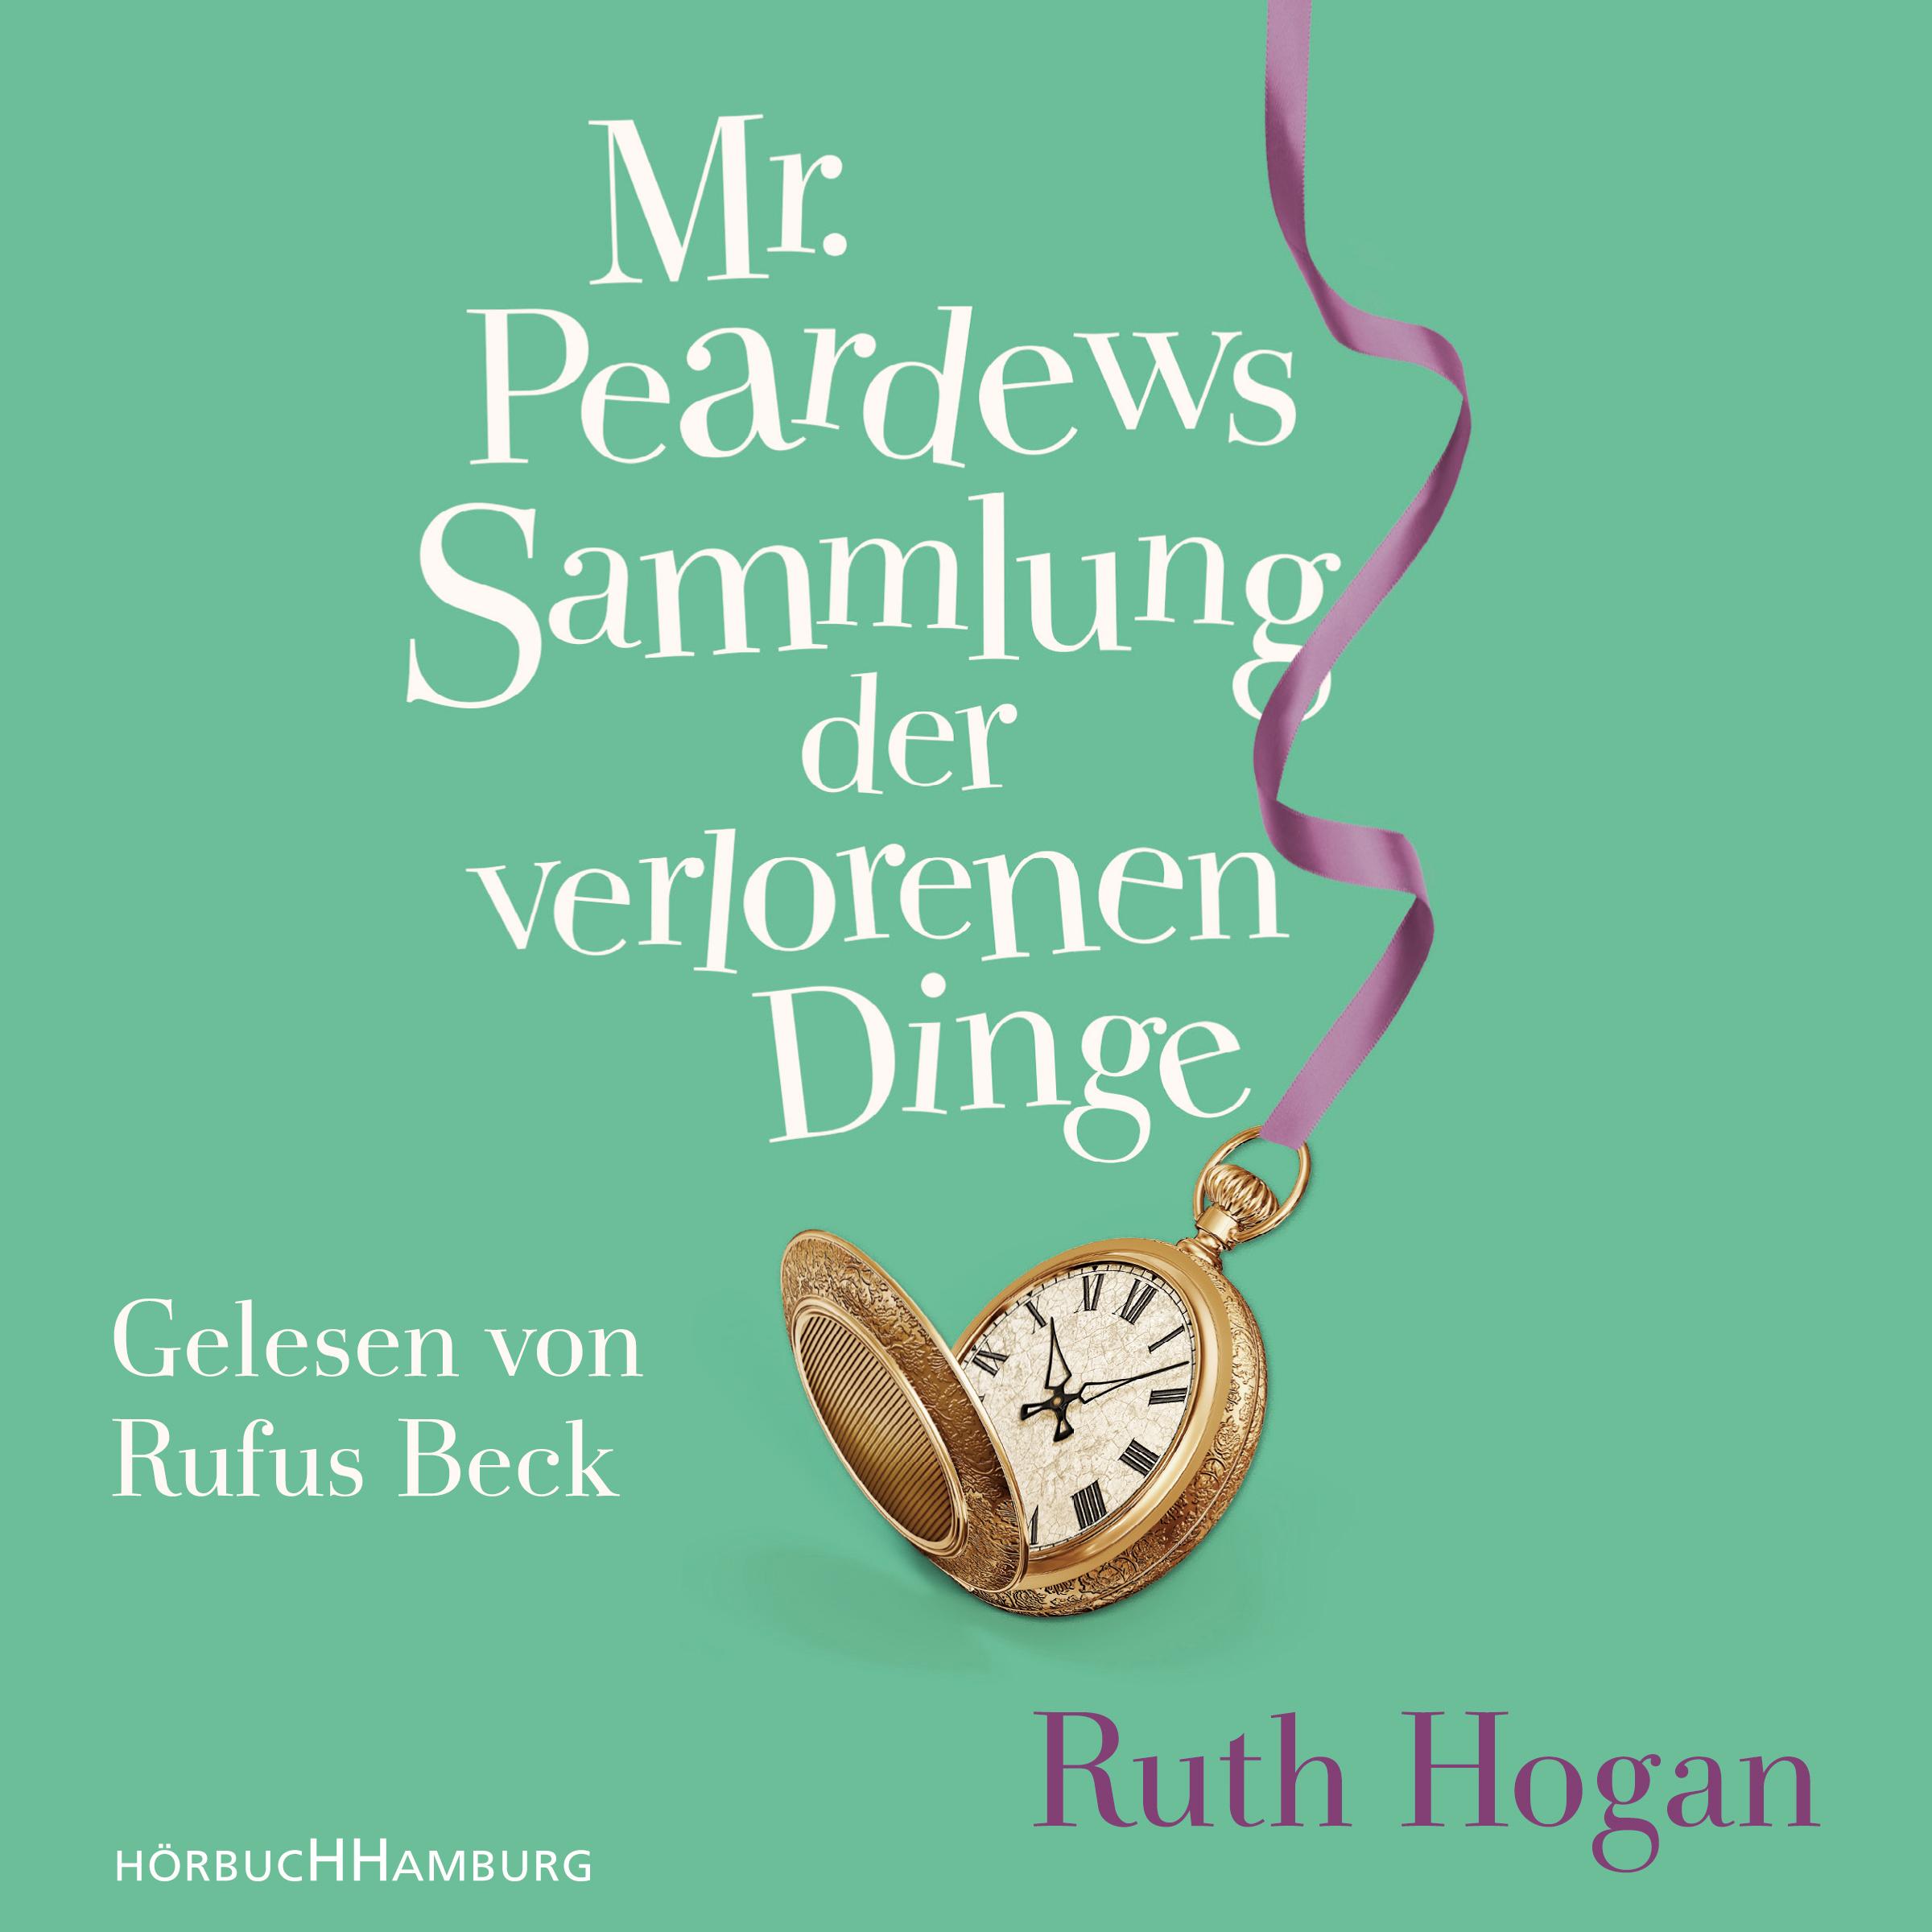 Cover für das Mr. Peardews Sammlung der verlorenen Dinge Hörbuch